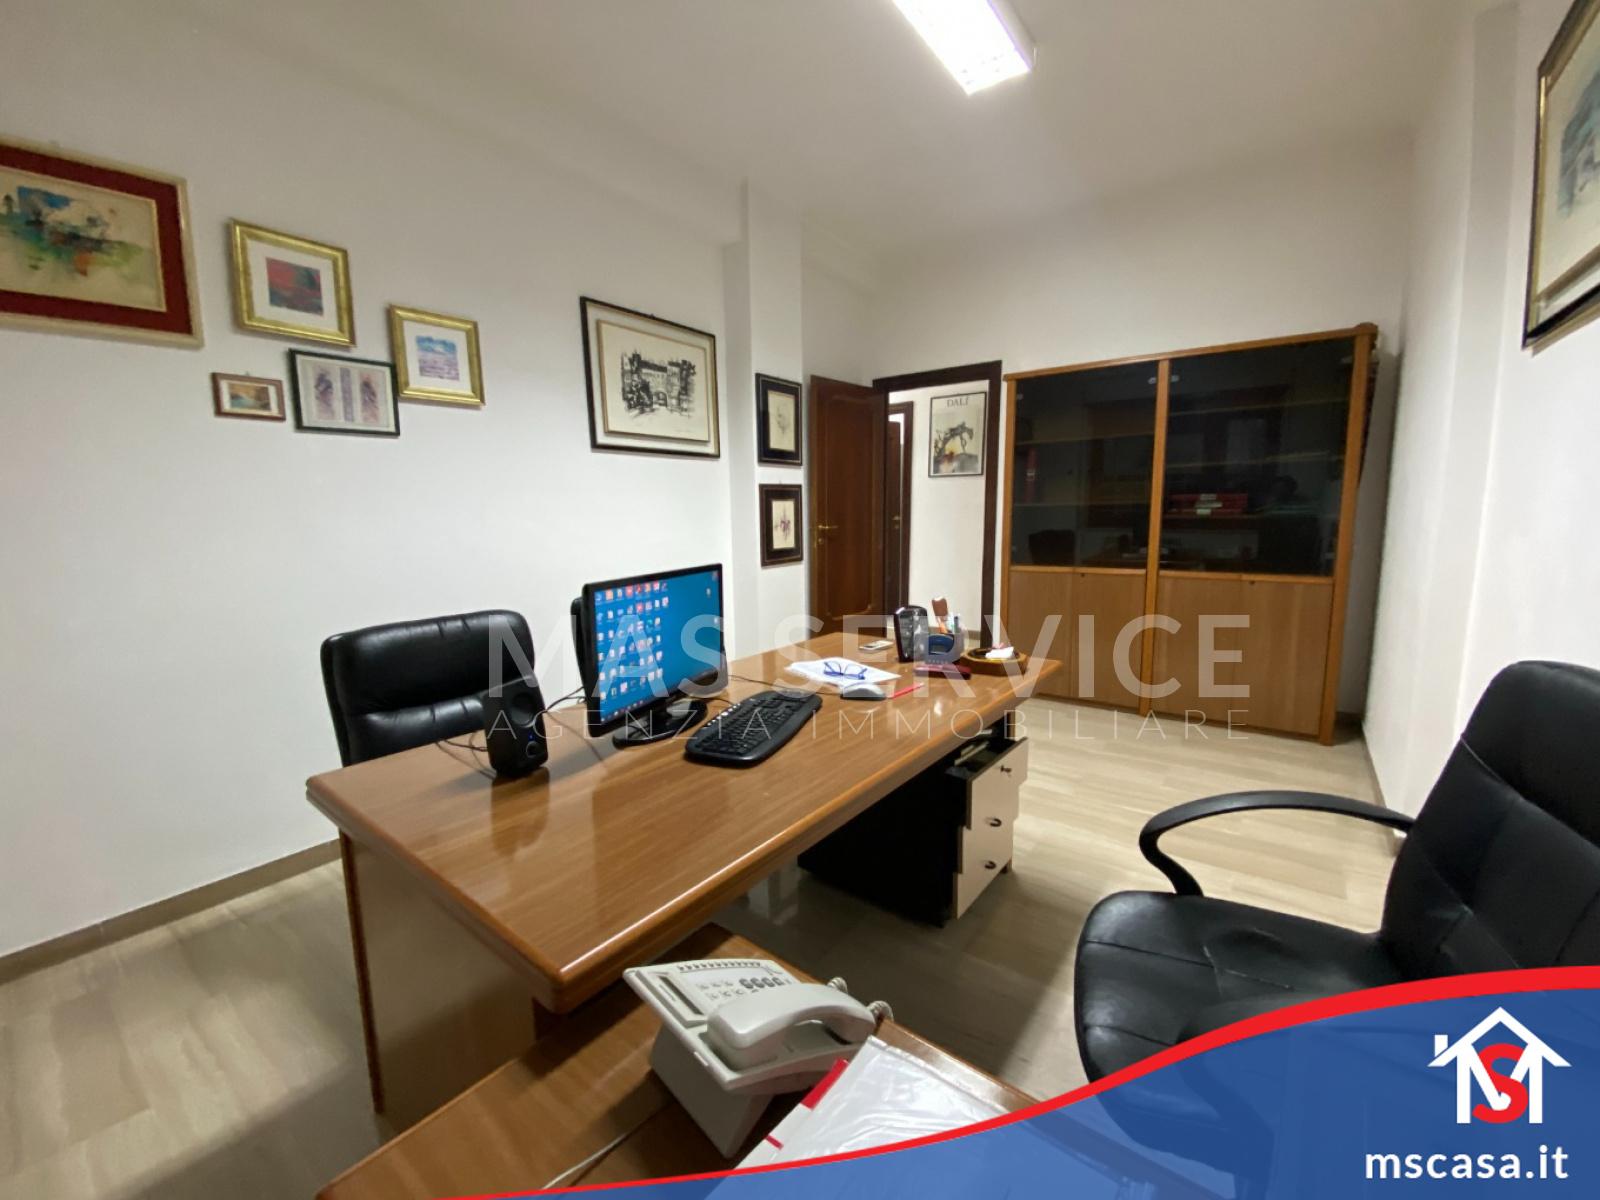 Appartamento in Vendita zona Montagnola a Roma Vista 1 Stanza altra prospettiva